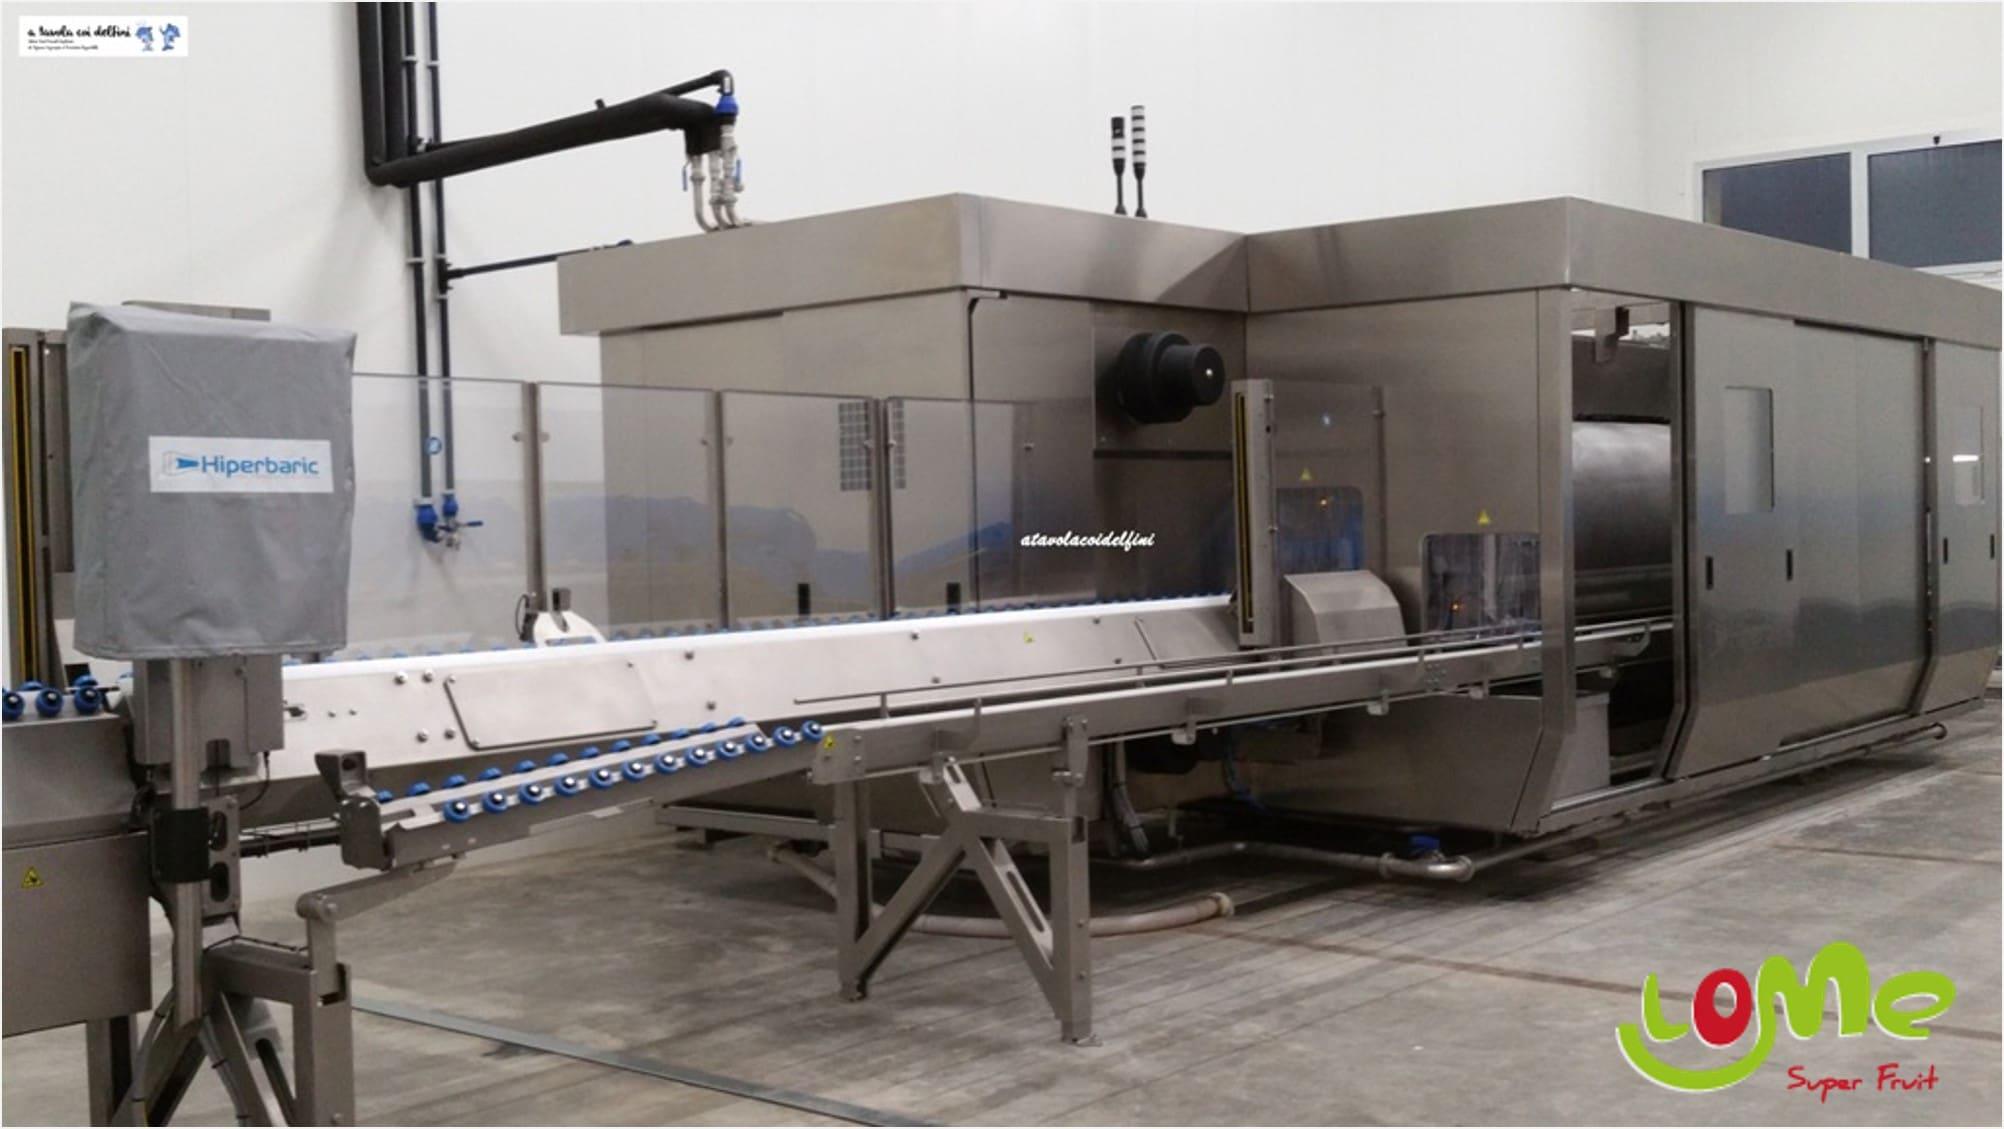 Hiperbaric 420 en las nuevas instalaciones de Masseria Fruttirossi en Castellaneta. Fuente: https://www.atavolacoidelfini.com